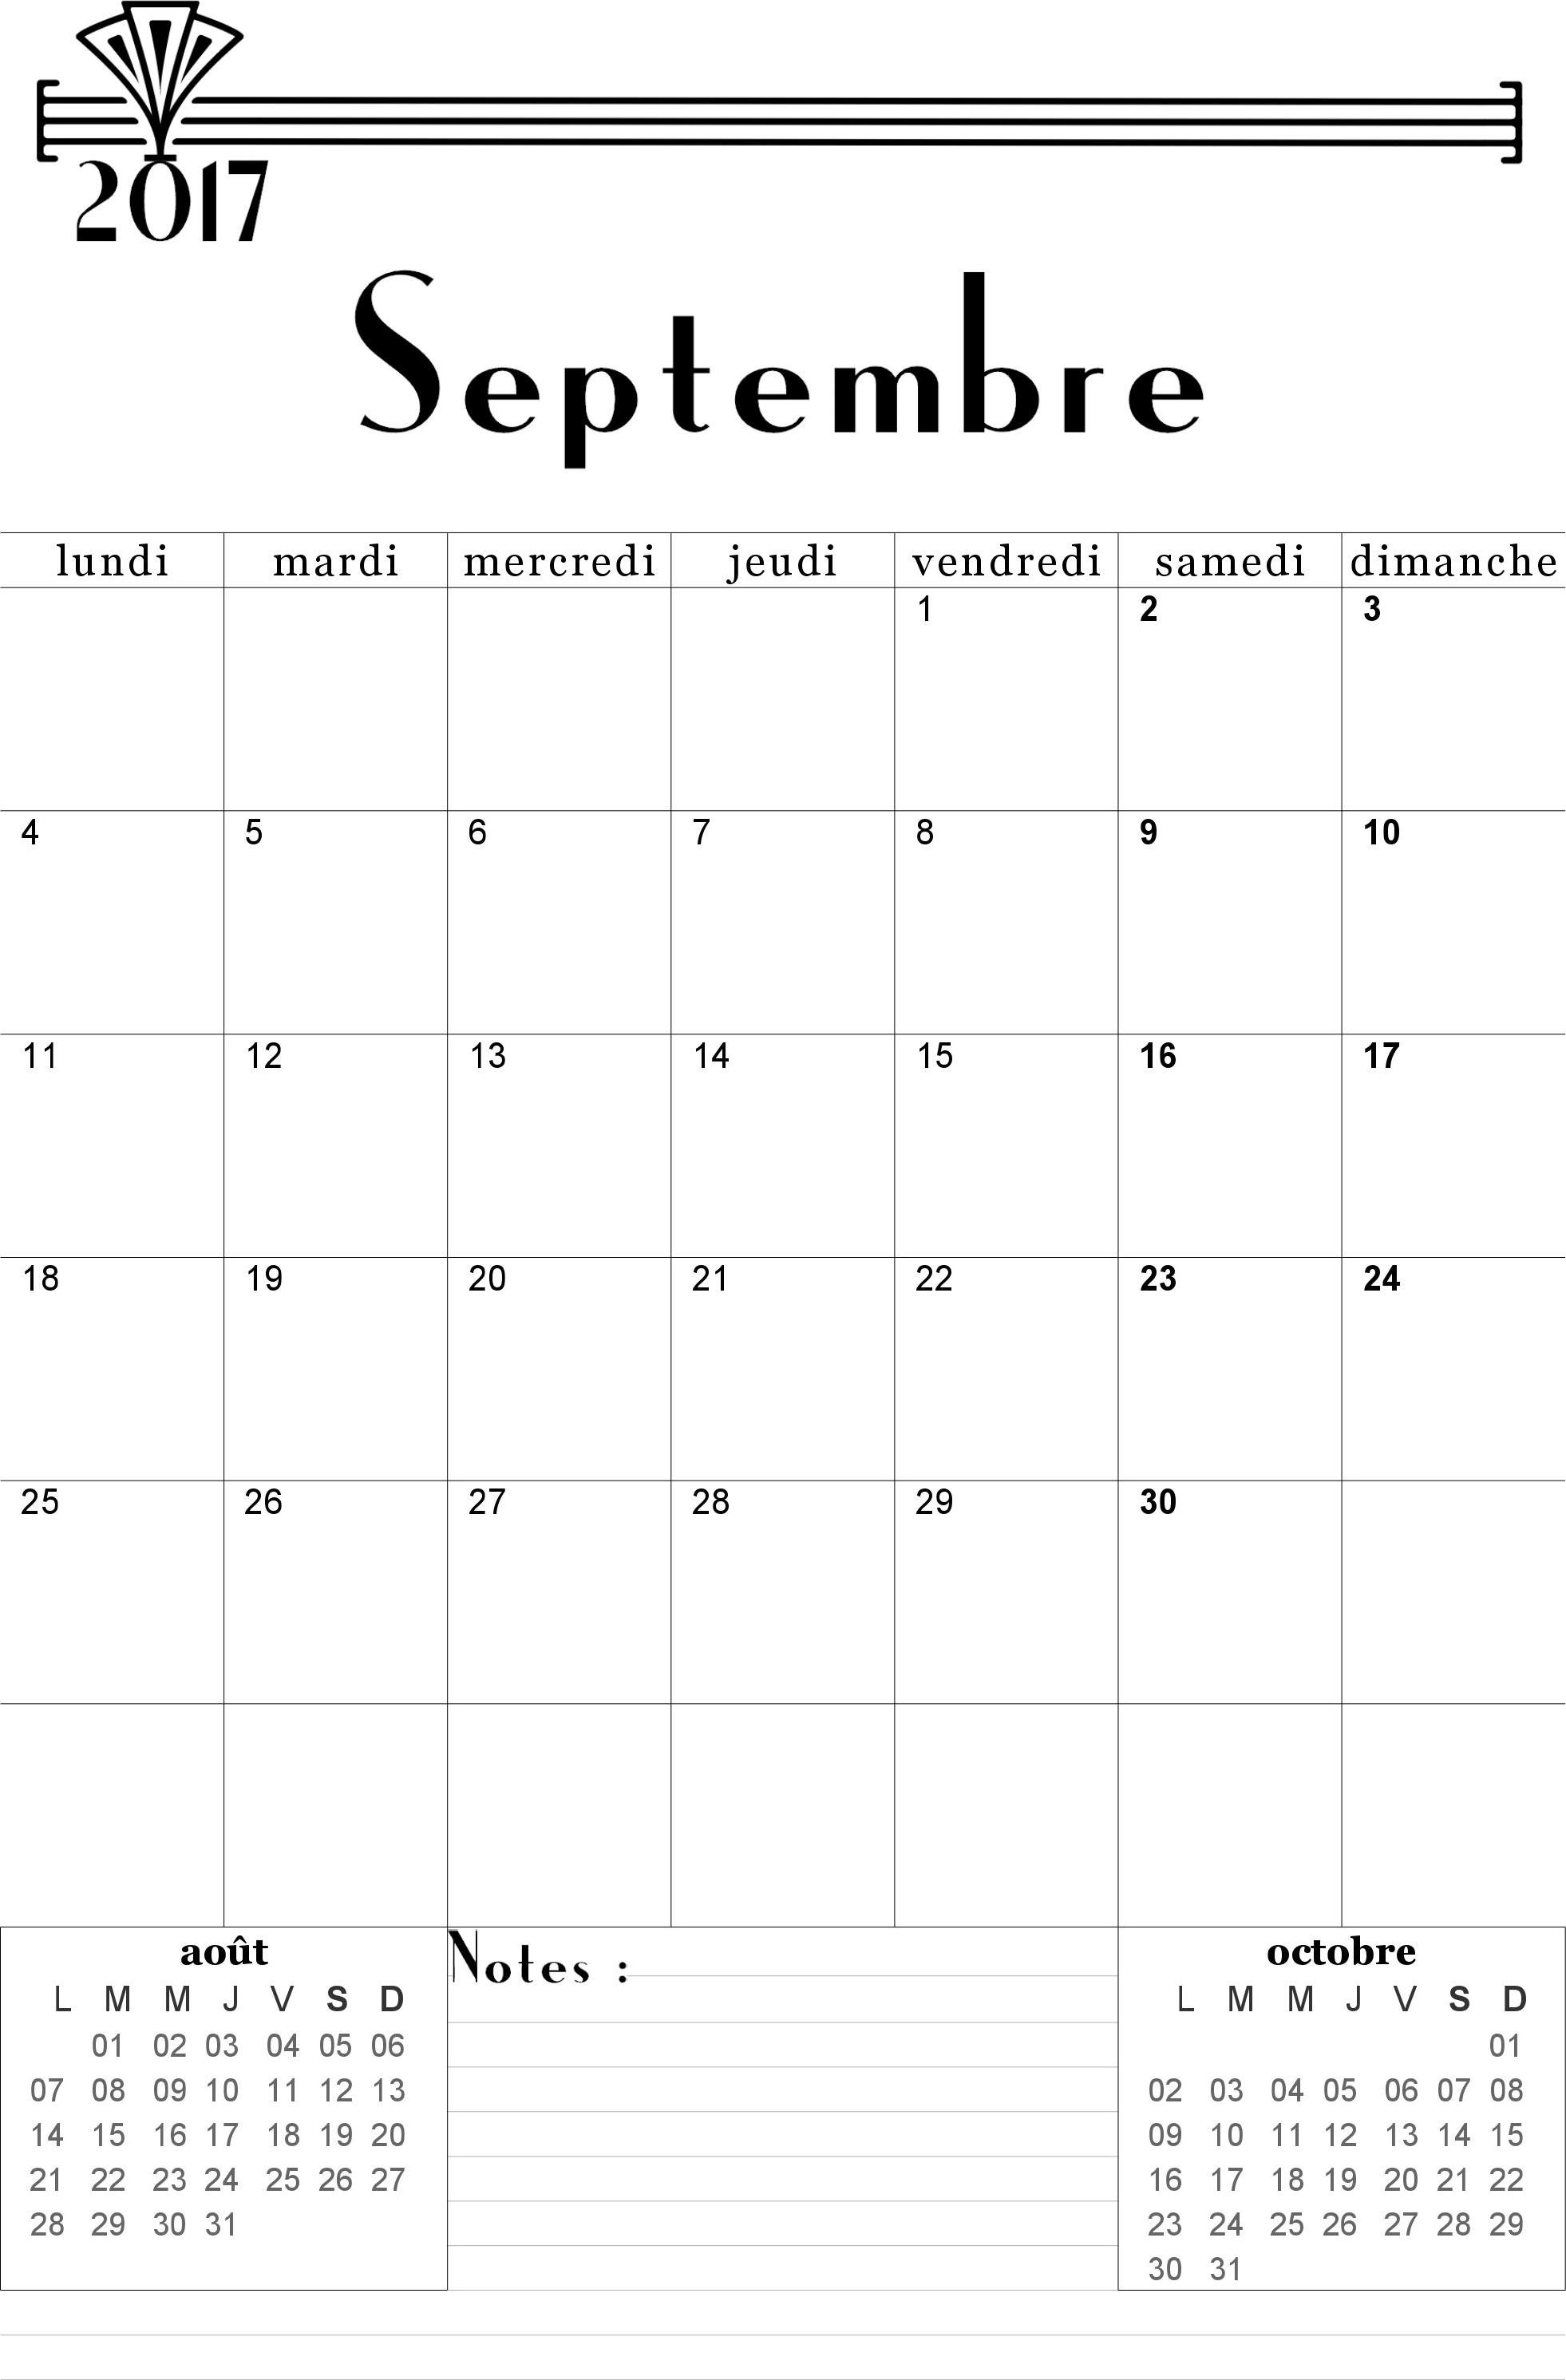 Calendrier 2017 2018 mensuel imprimer gratuitement calendriers imprimables pdf - Calendrier lune septembre 2017 ...